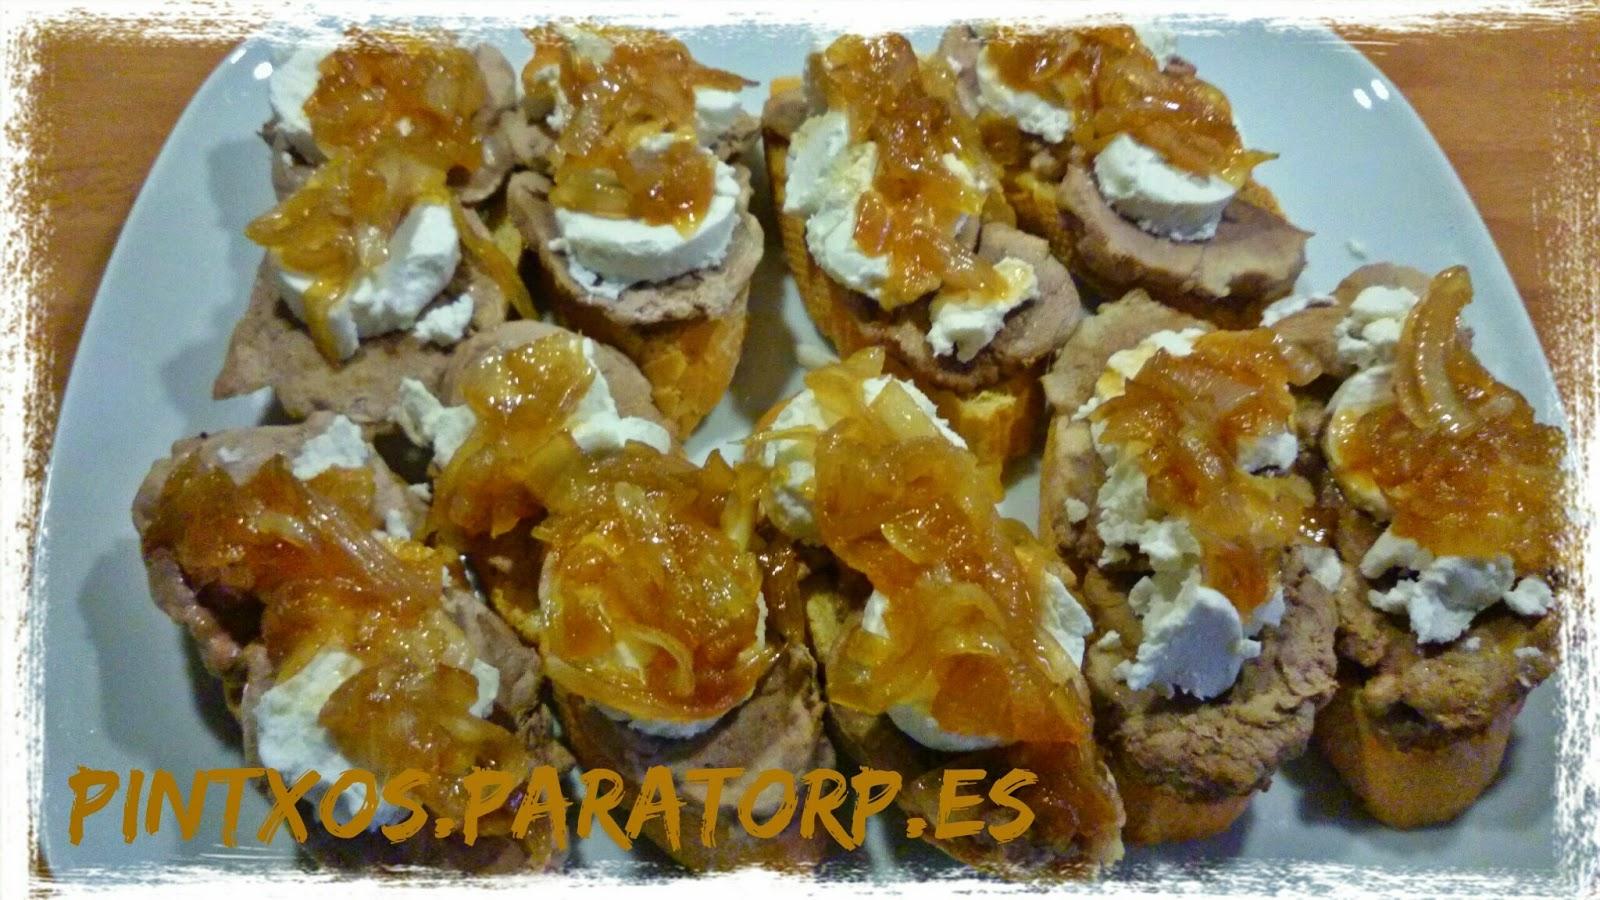 Pintxos para torpes pintxos tapas aperitivos entrantes for Canape de pate con cebolla caramelizada